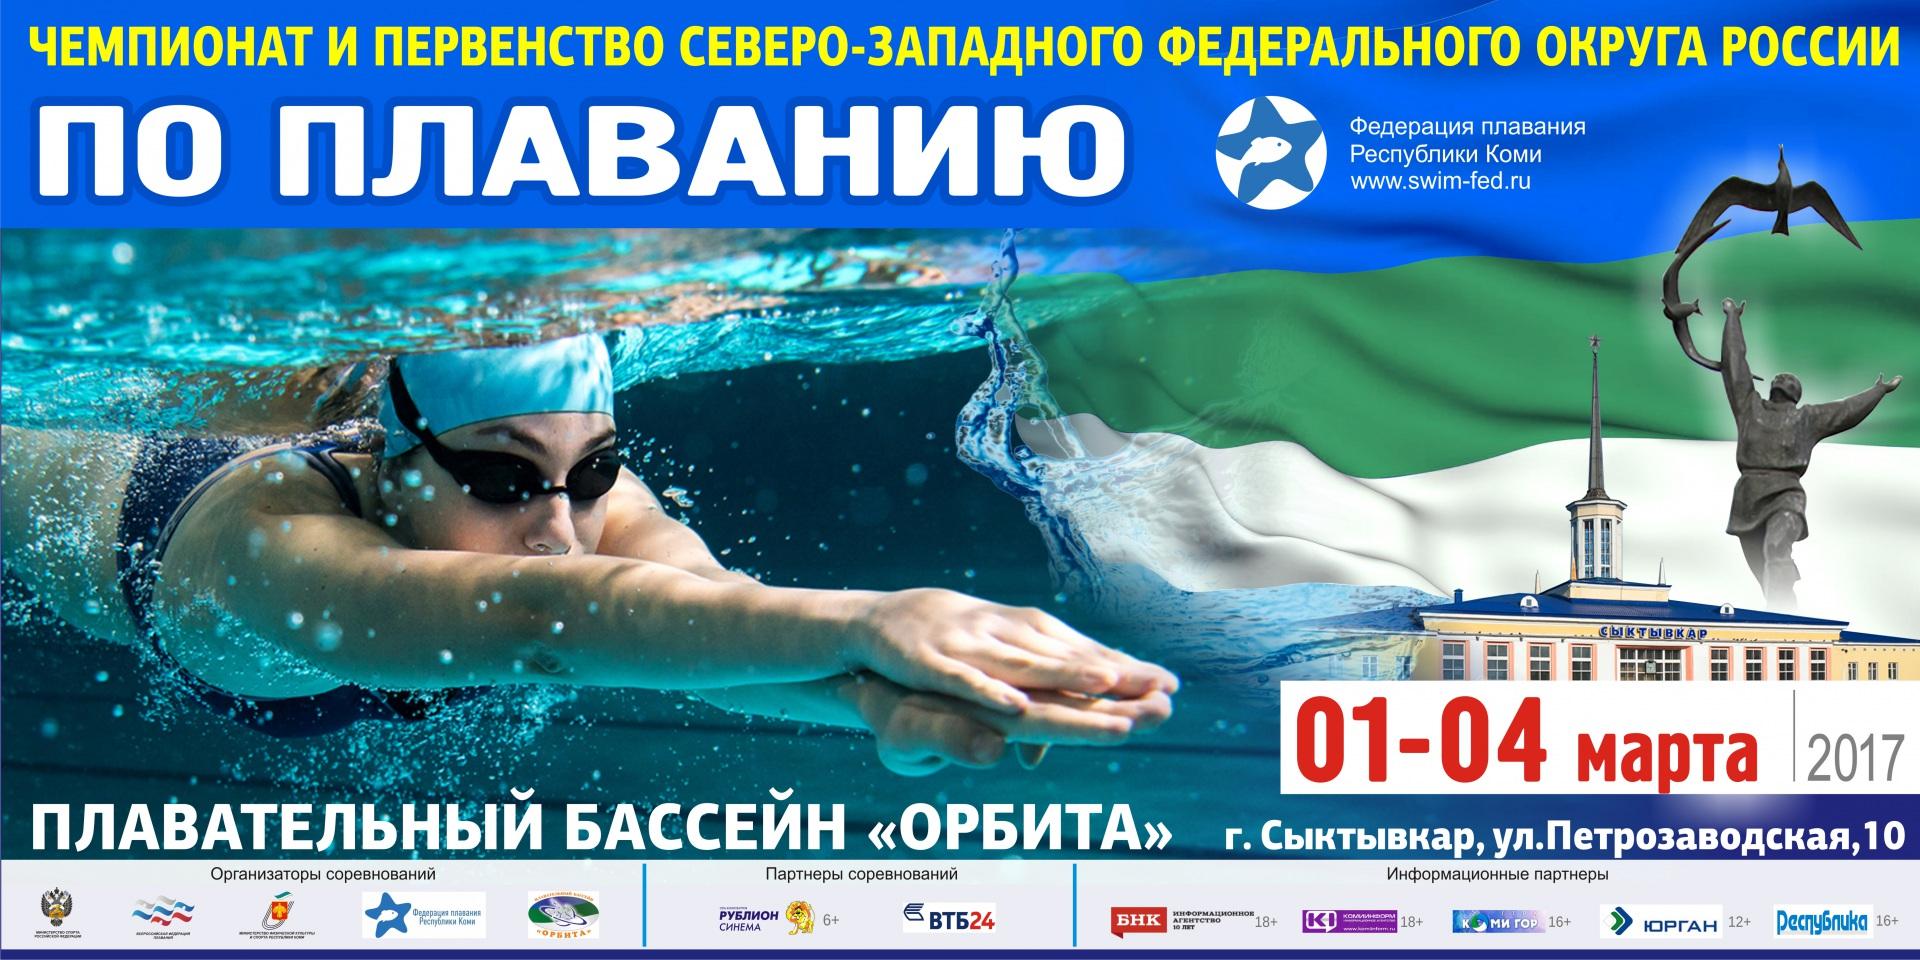 Более двухсот пловцов Северо-Запада России примут участие в зональных соревнованиях в Сыктывкаре